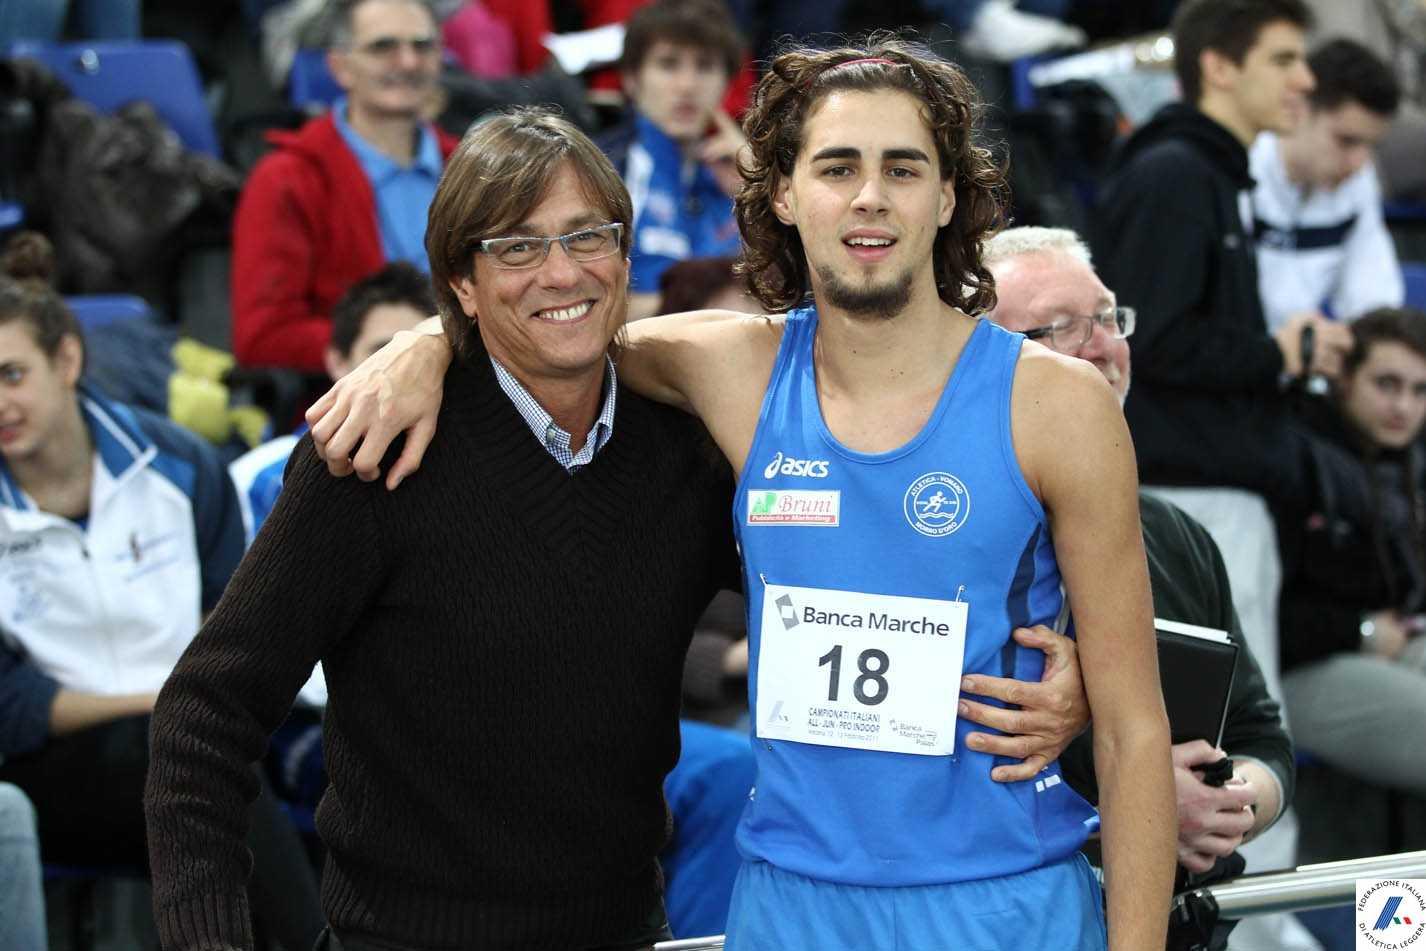 Atletica, papà Marco Tamberi vanto dell'Atletica Vomano